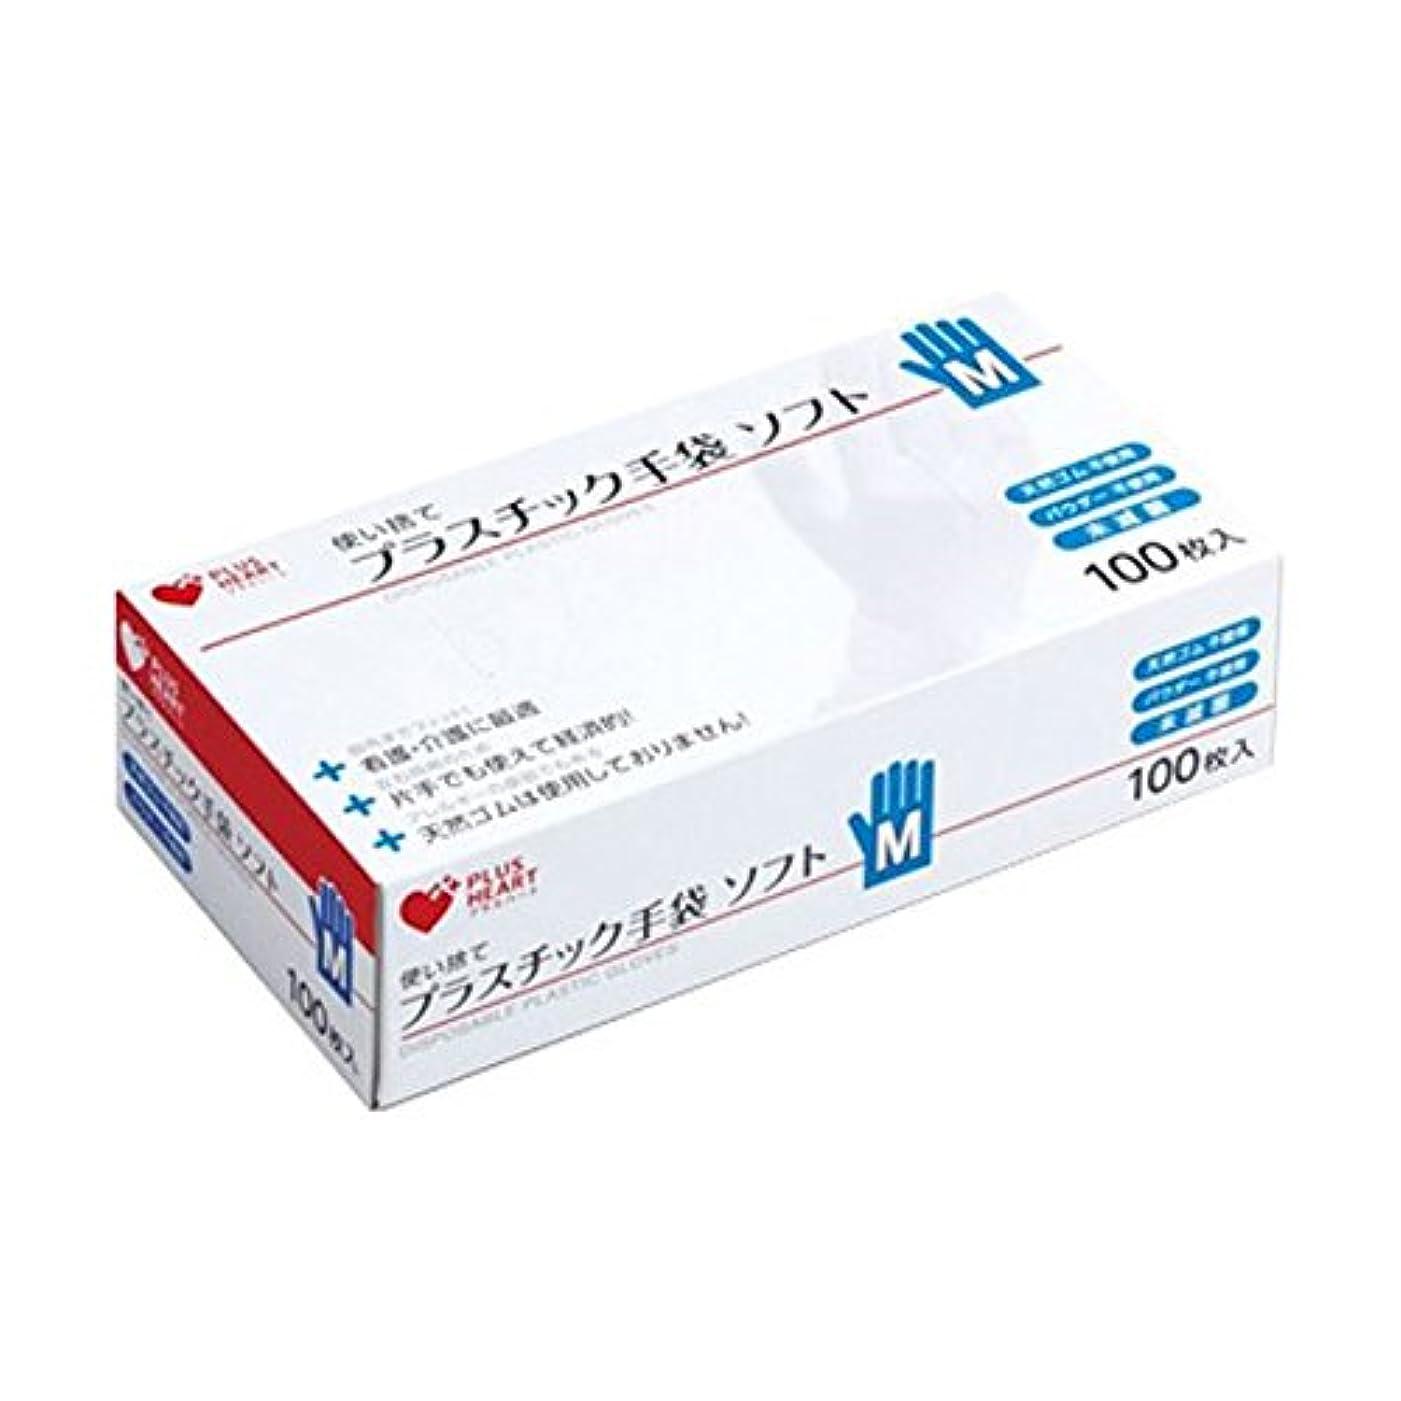 【お徳用 2 セット】 プラスハート 使い捨てプラスチック手袋 ソフト Mサイズ 100枚入×2セット